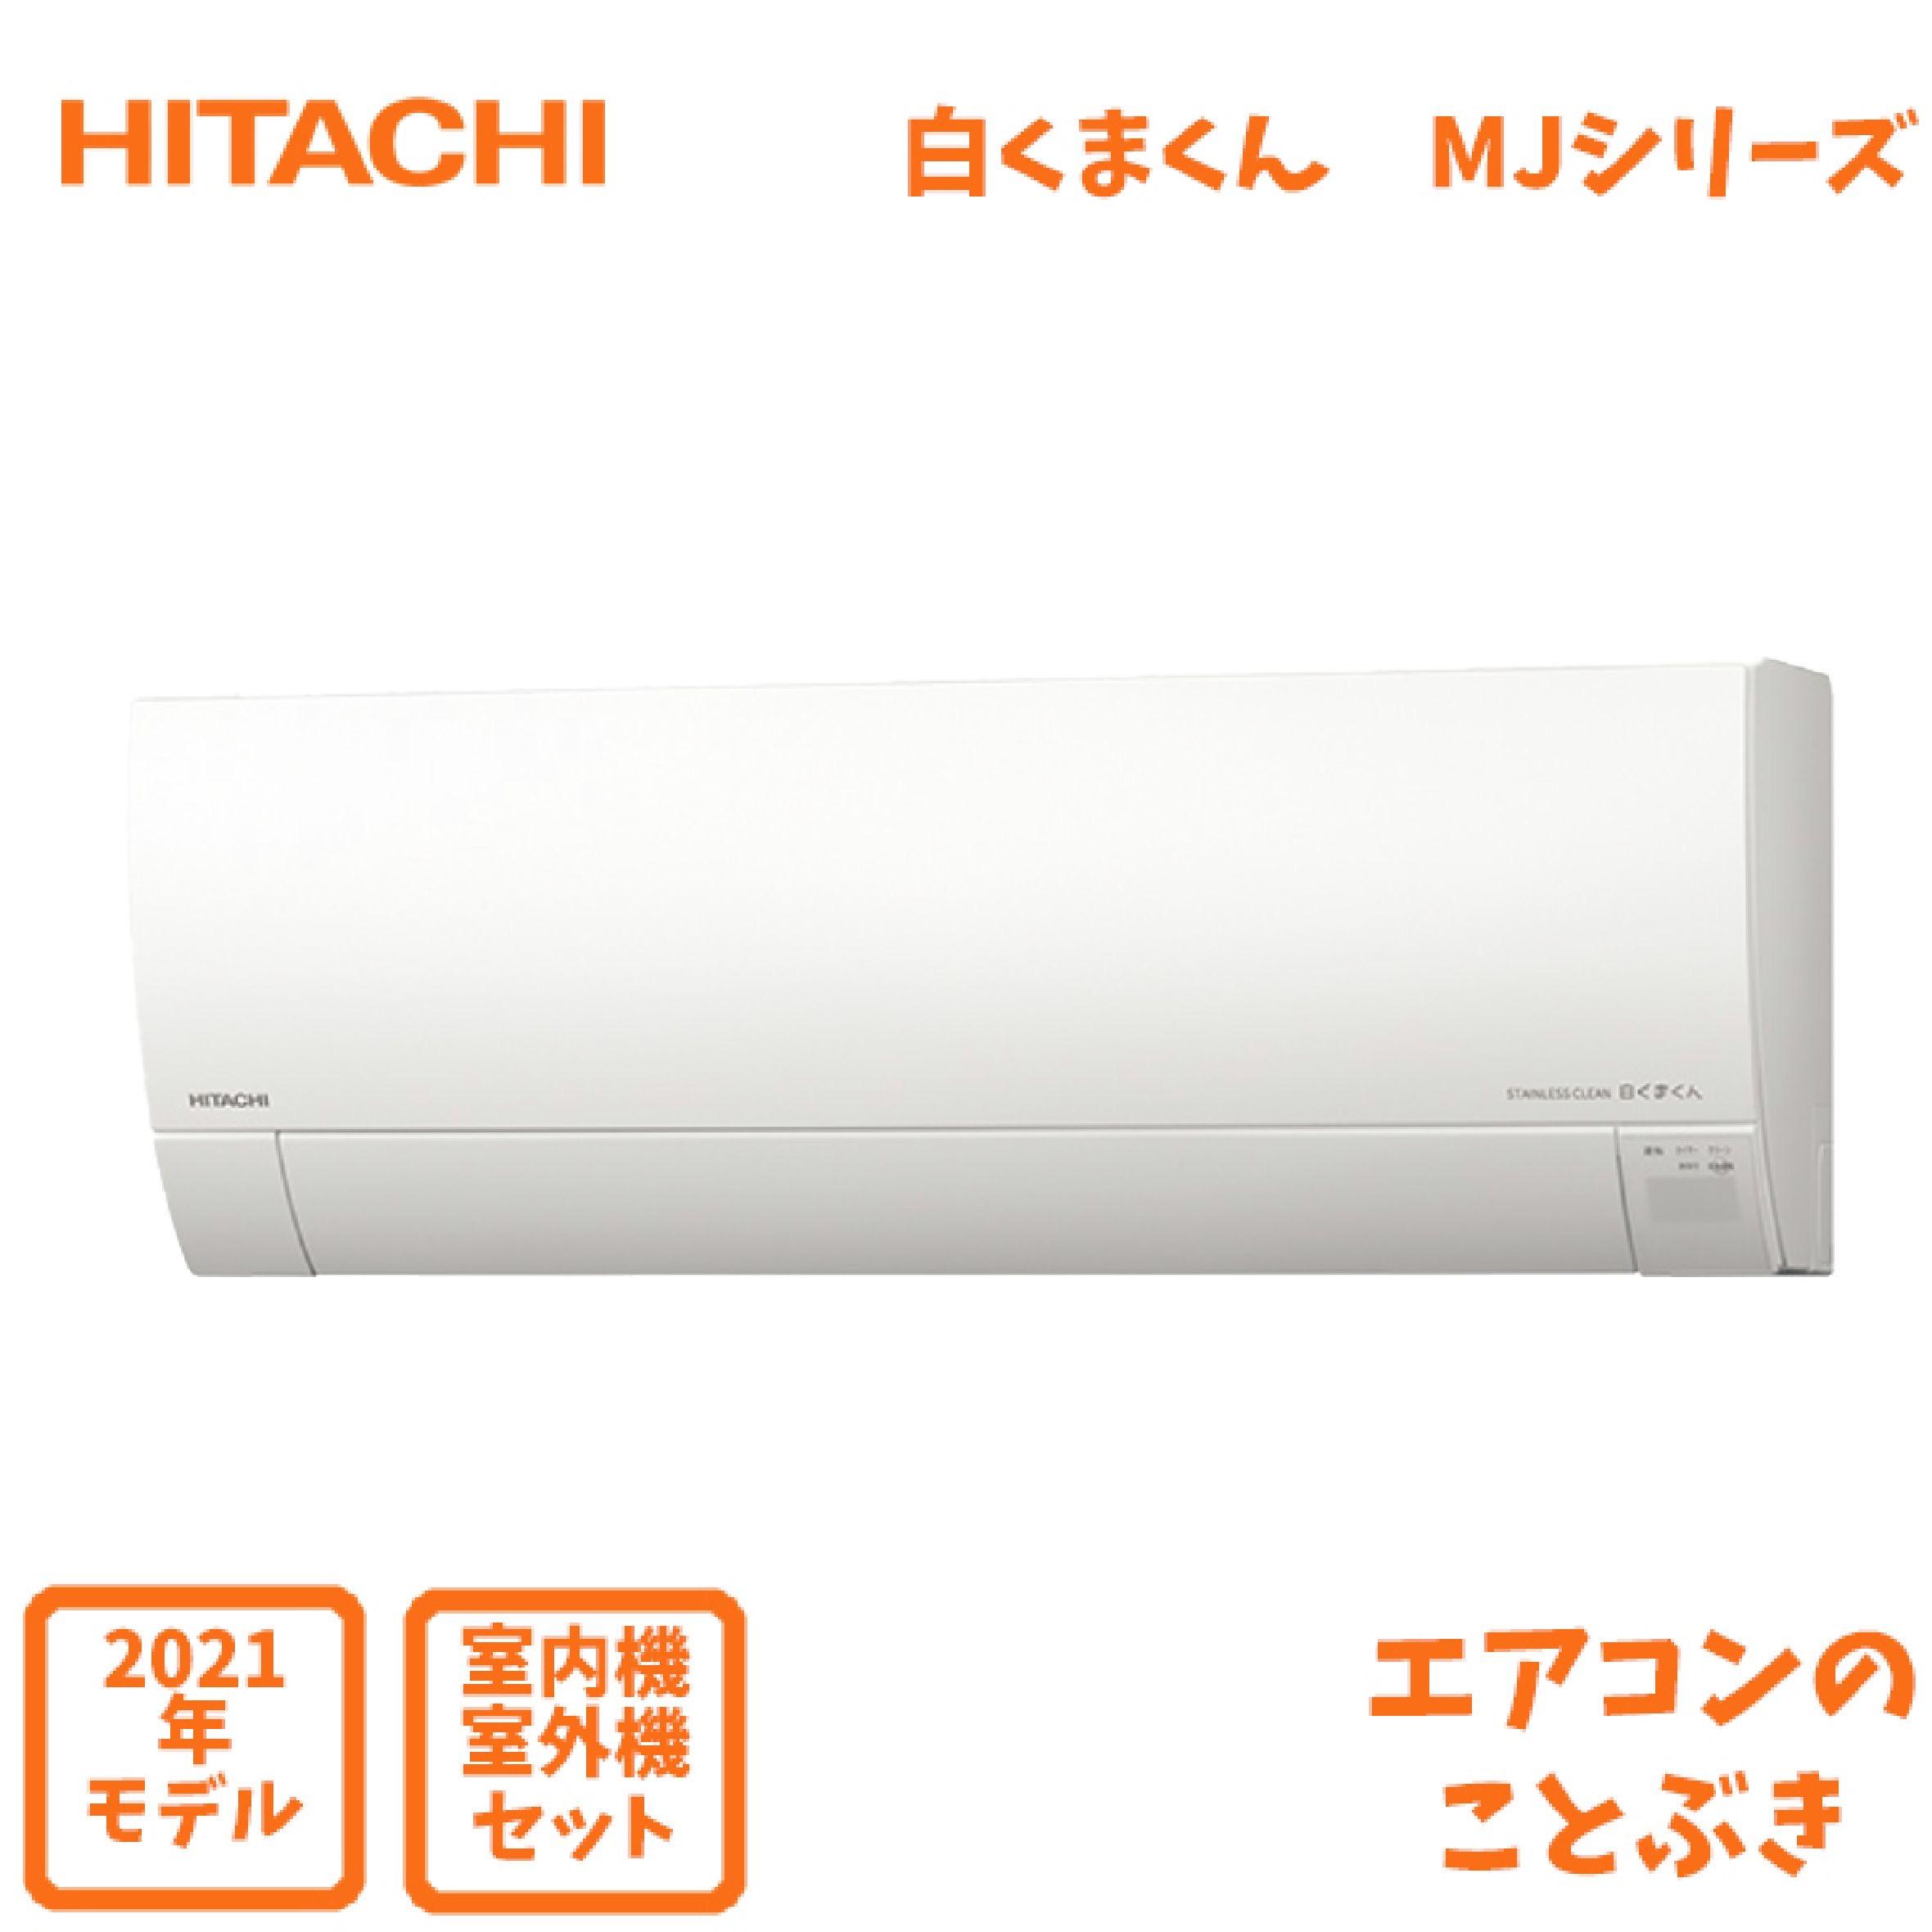 魅了 日立 エアコン RAS-MJ63L2-W 白くまくん MJシリーズ 主に20畳用(6.3kW) ※単相200V 送料無料(北海道、沖縄、離島除く) 2021年モデル, コオゲチョウ 56ec8ae5